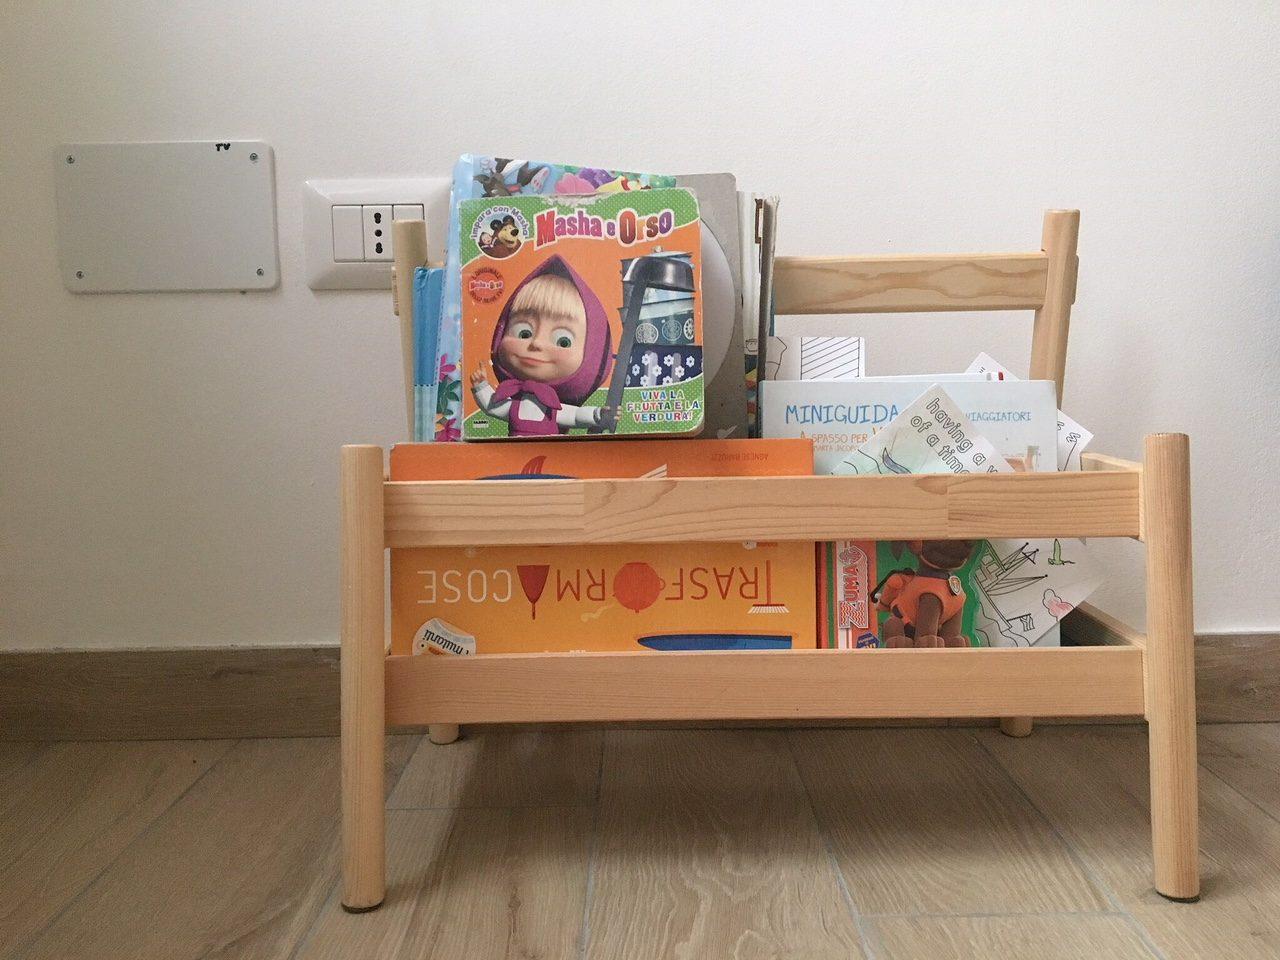 Letto Per Bambini Montessori : Cameretta in stile montessori la cameretta perfetta